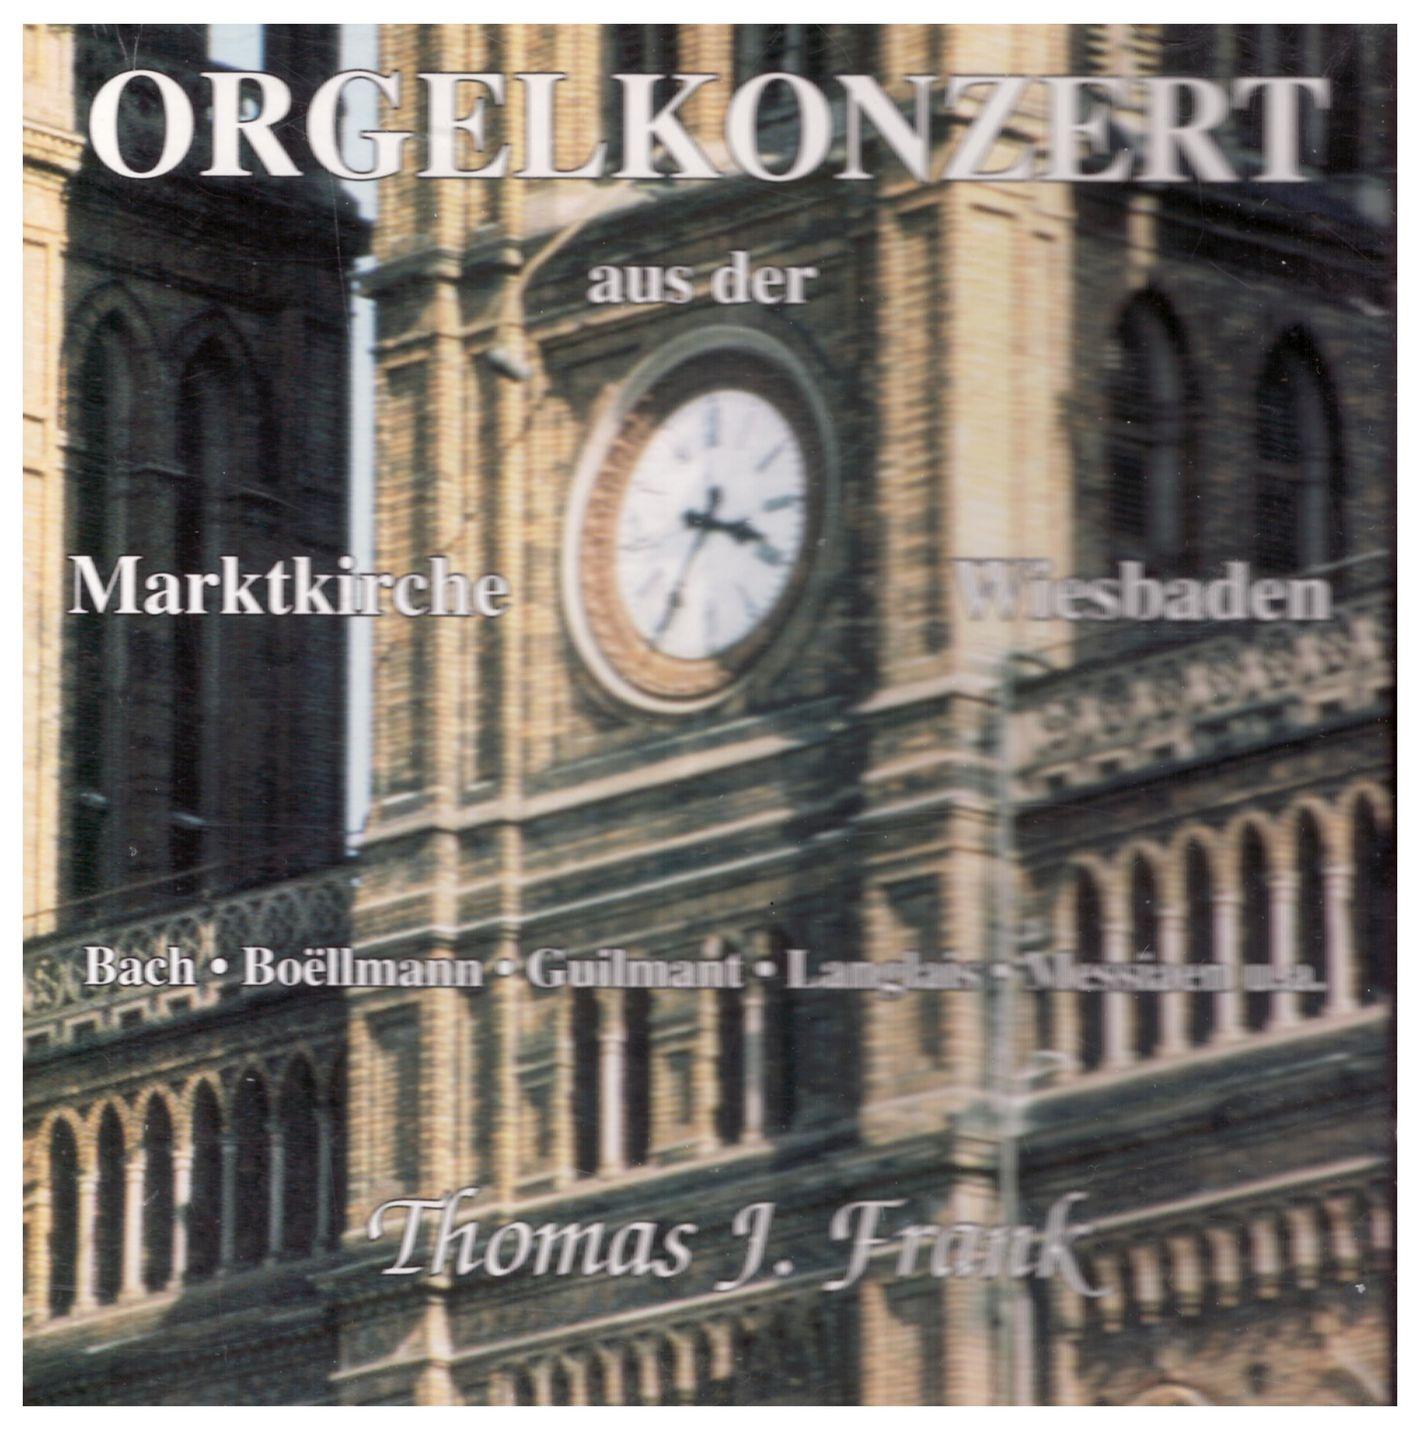 Orgelkonzert aus der Marktkirche Wiesbaden